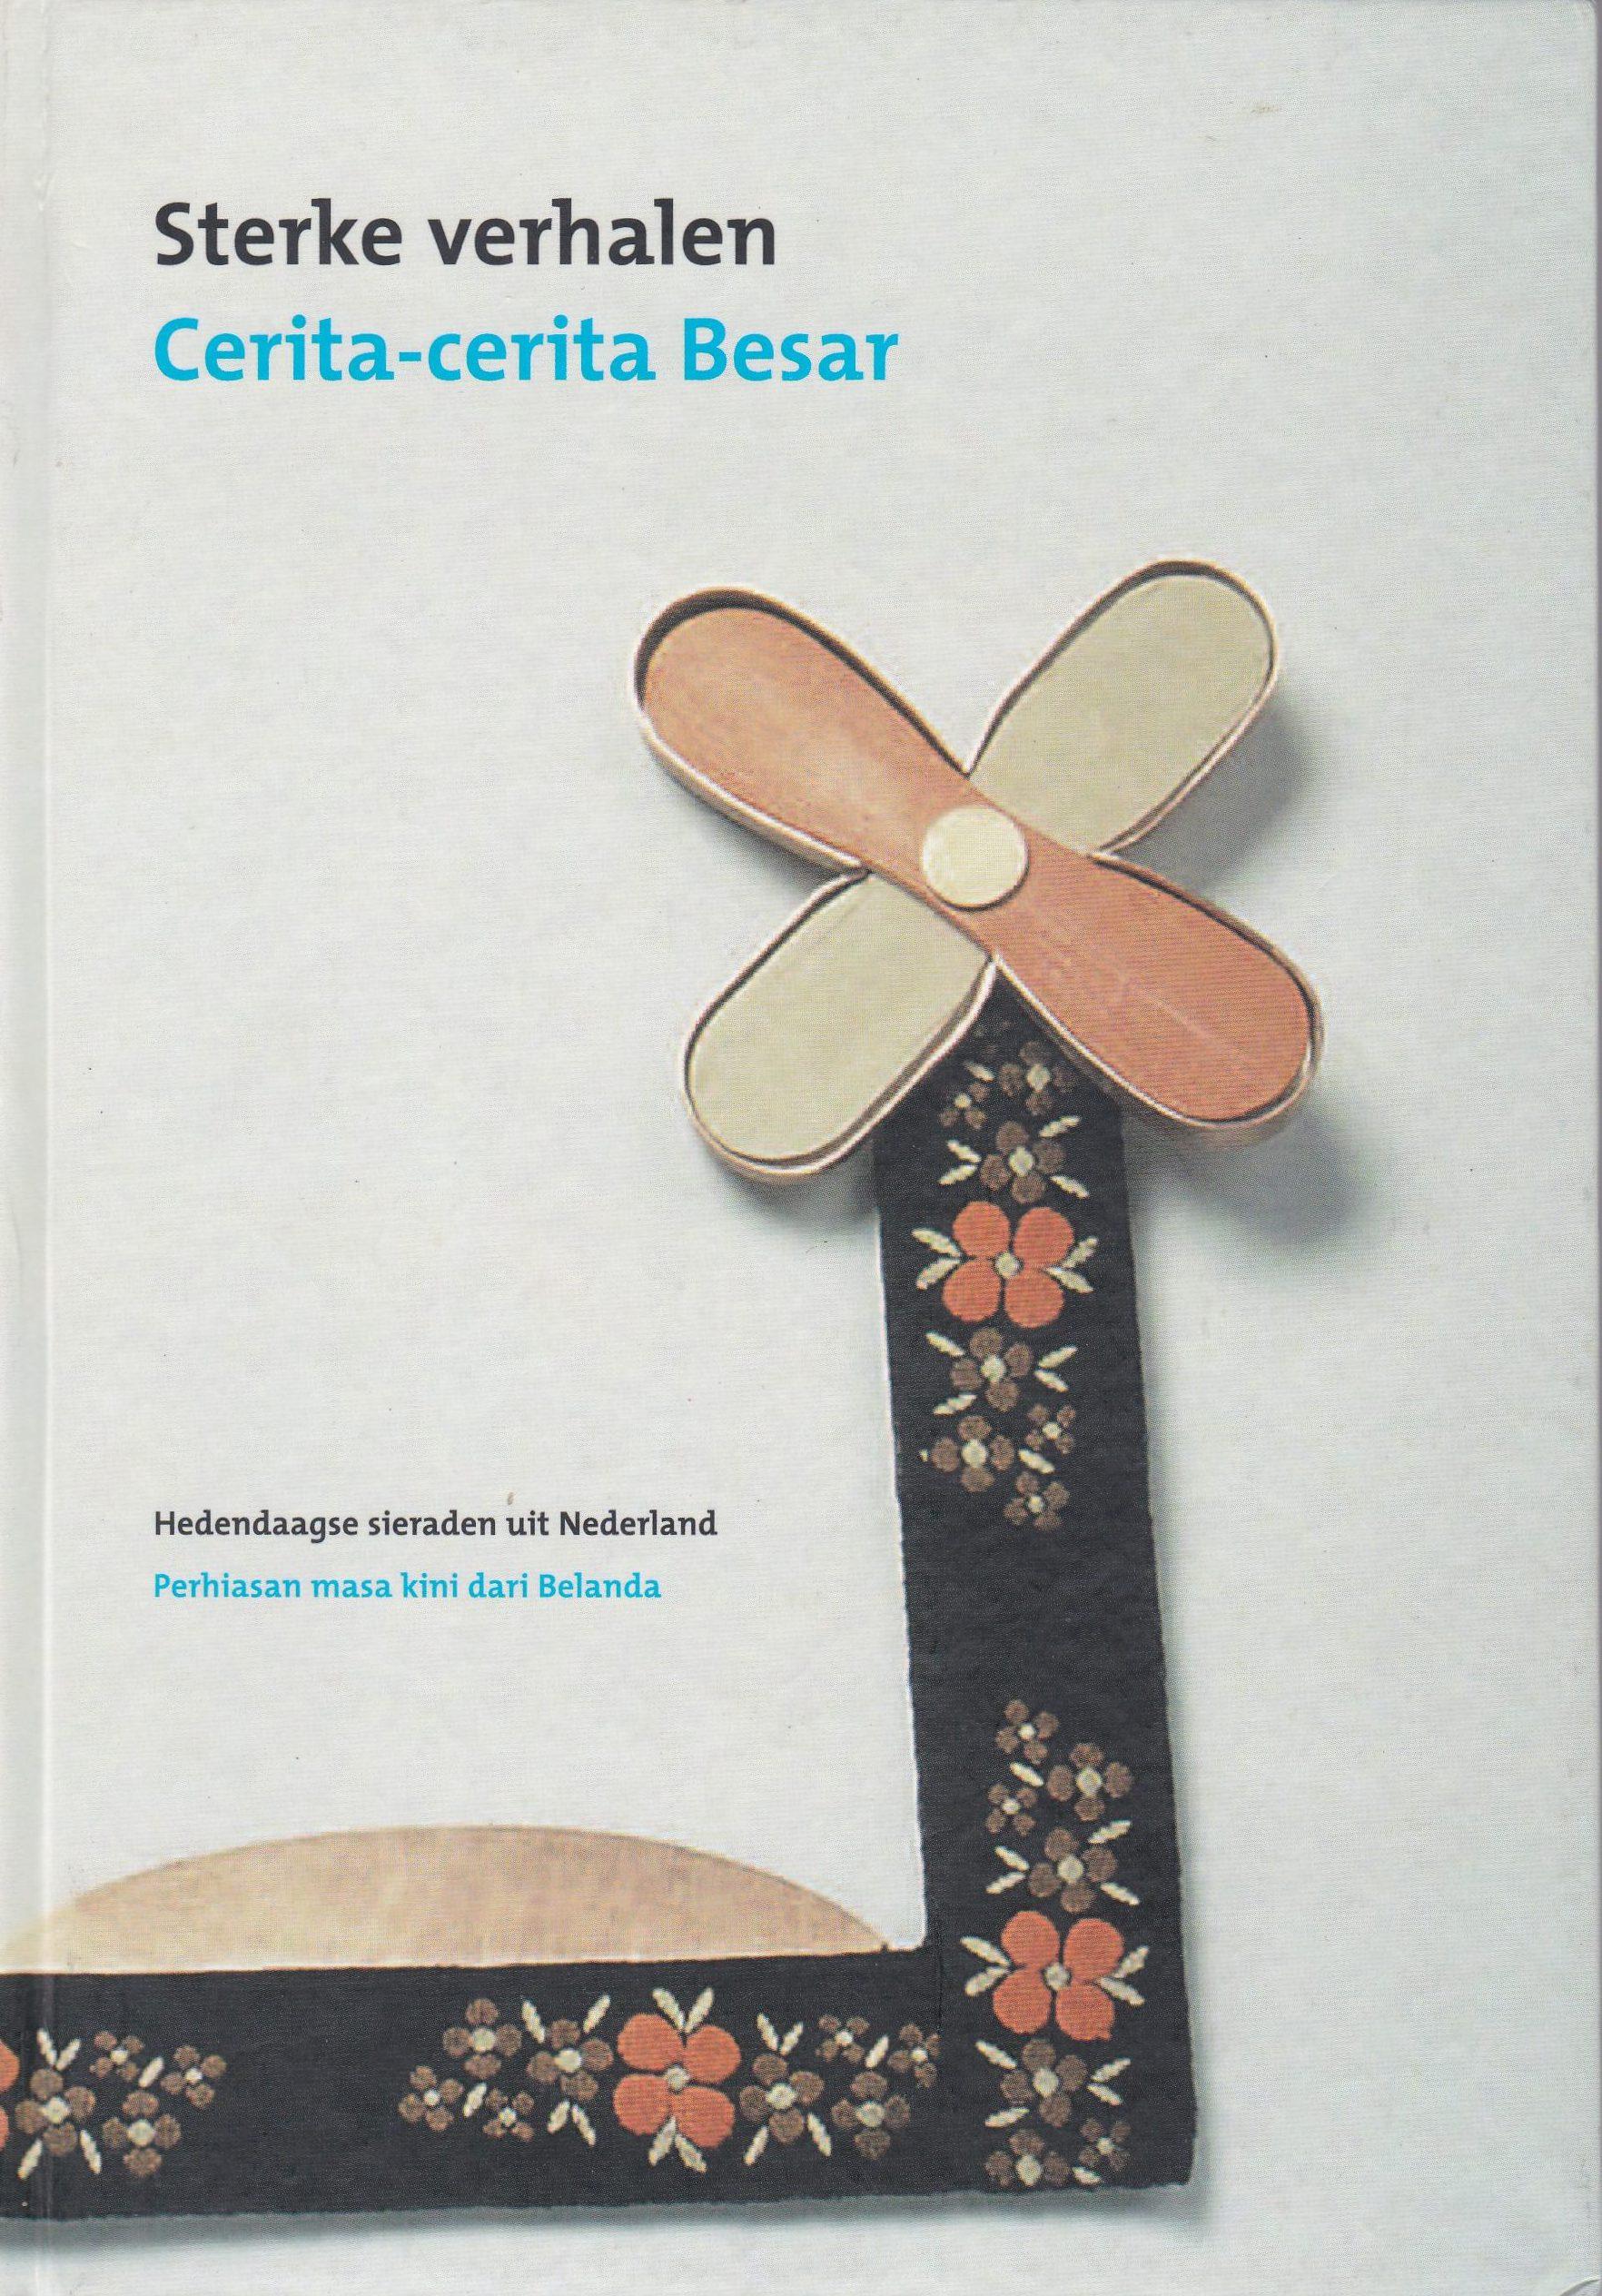 Sterke Verhalen, hedendaagse verhalende sieraden uit Nederland, 2006. Foto (met dank aan) Liesbeth den Besten©